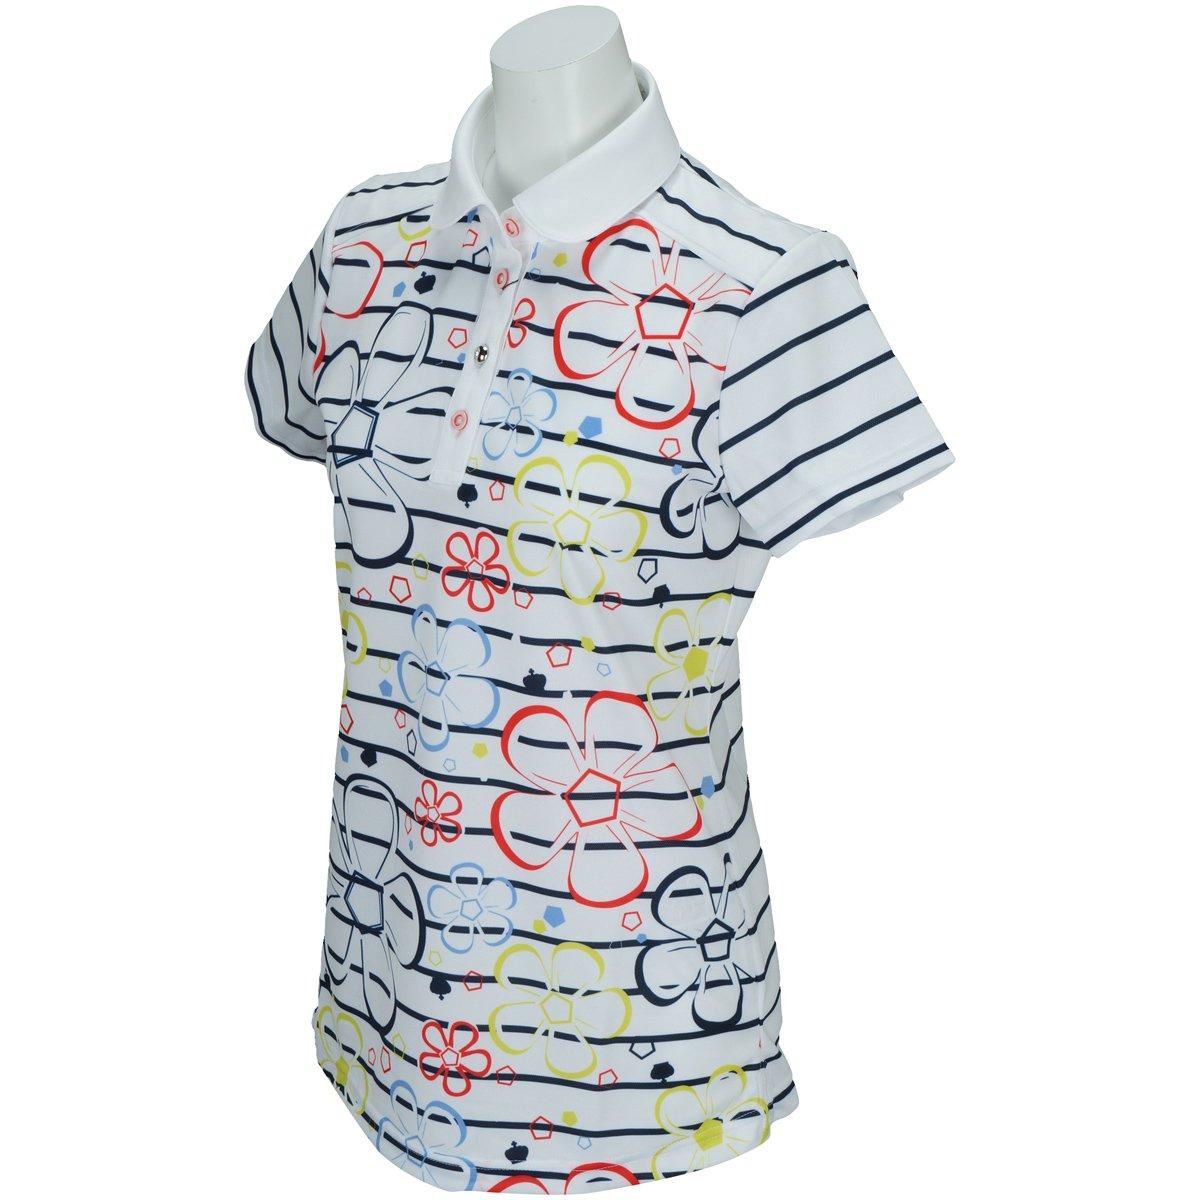 セントクリストファー St.Christopher 半袖ポロシャツ ゴルフウェア レディース tl32106 38 ホワイト B06XT9JC4W